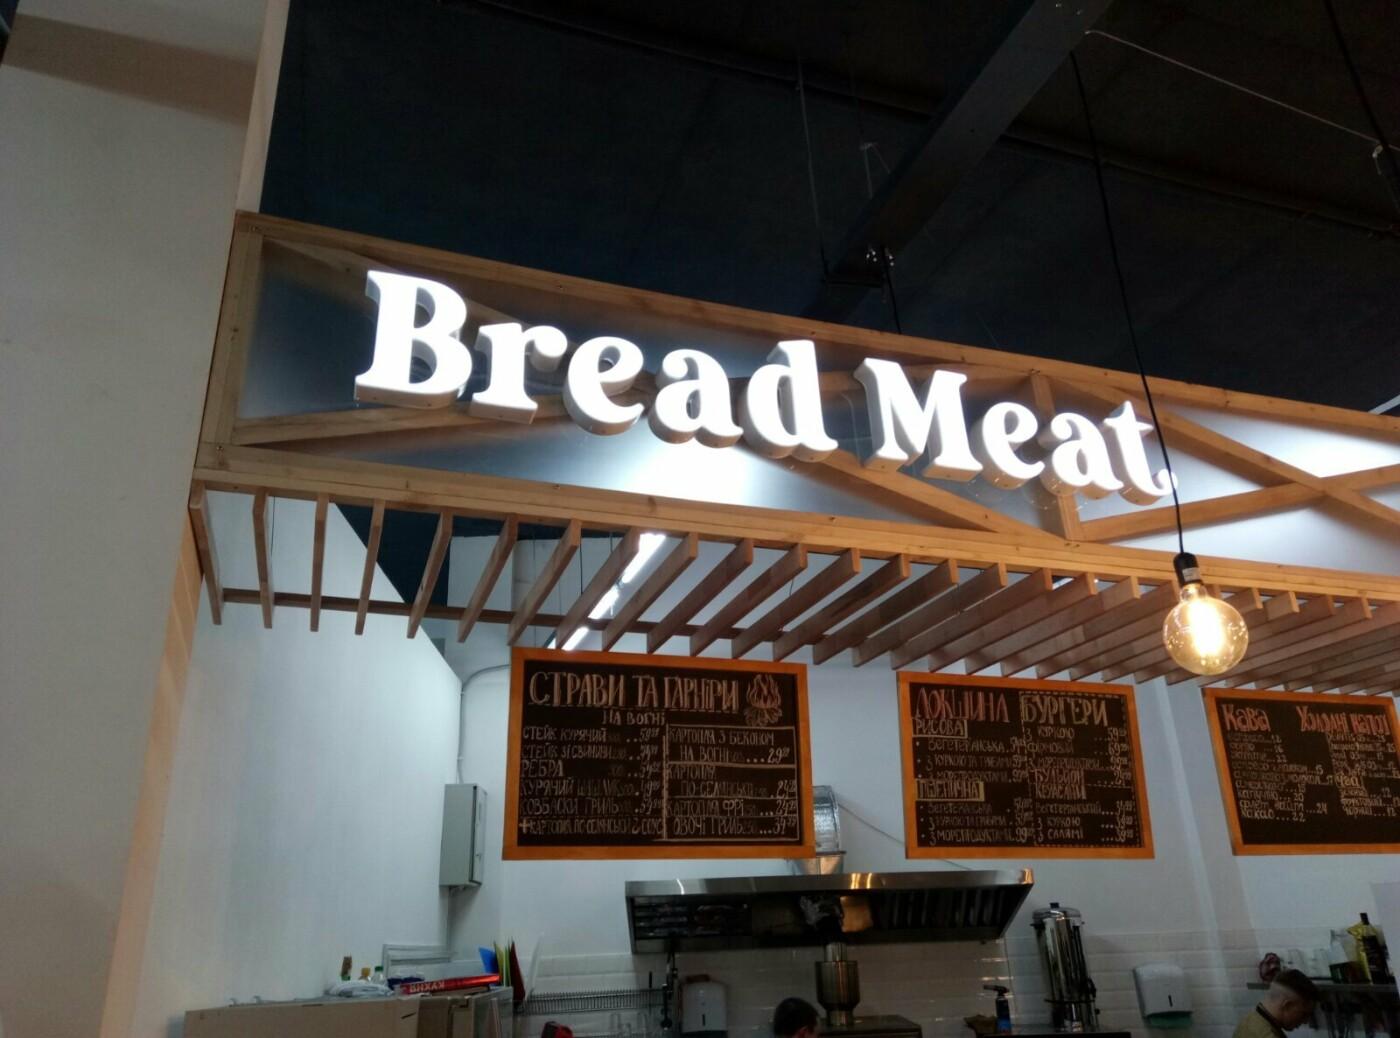 """Новий заклад громадського харчування Bread Meat відкрили в ТЦ """"Центральний"""" (фото), фото-4"""